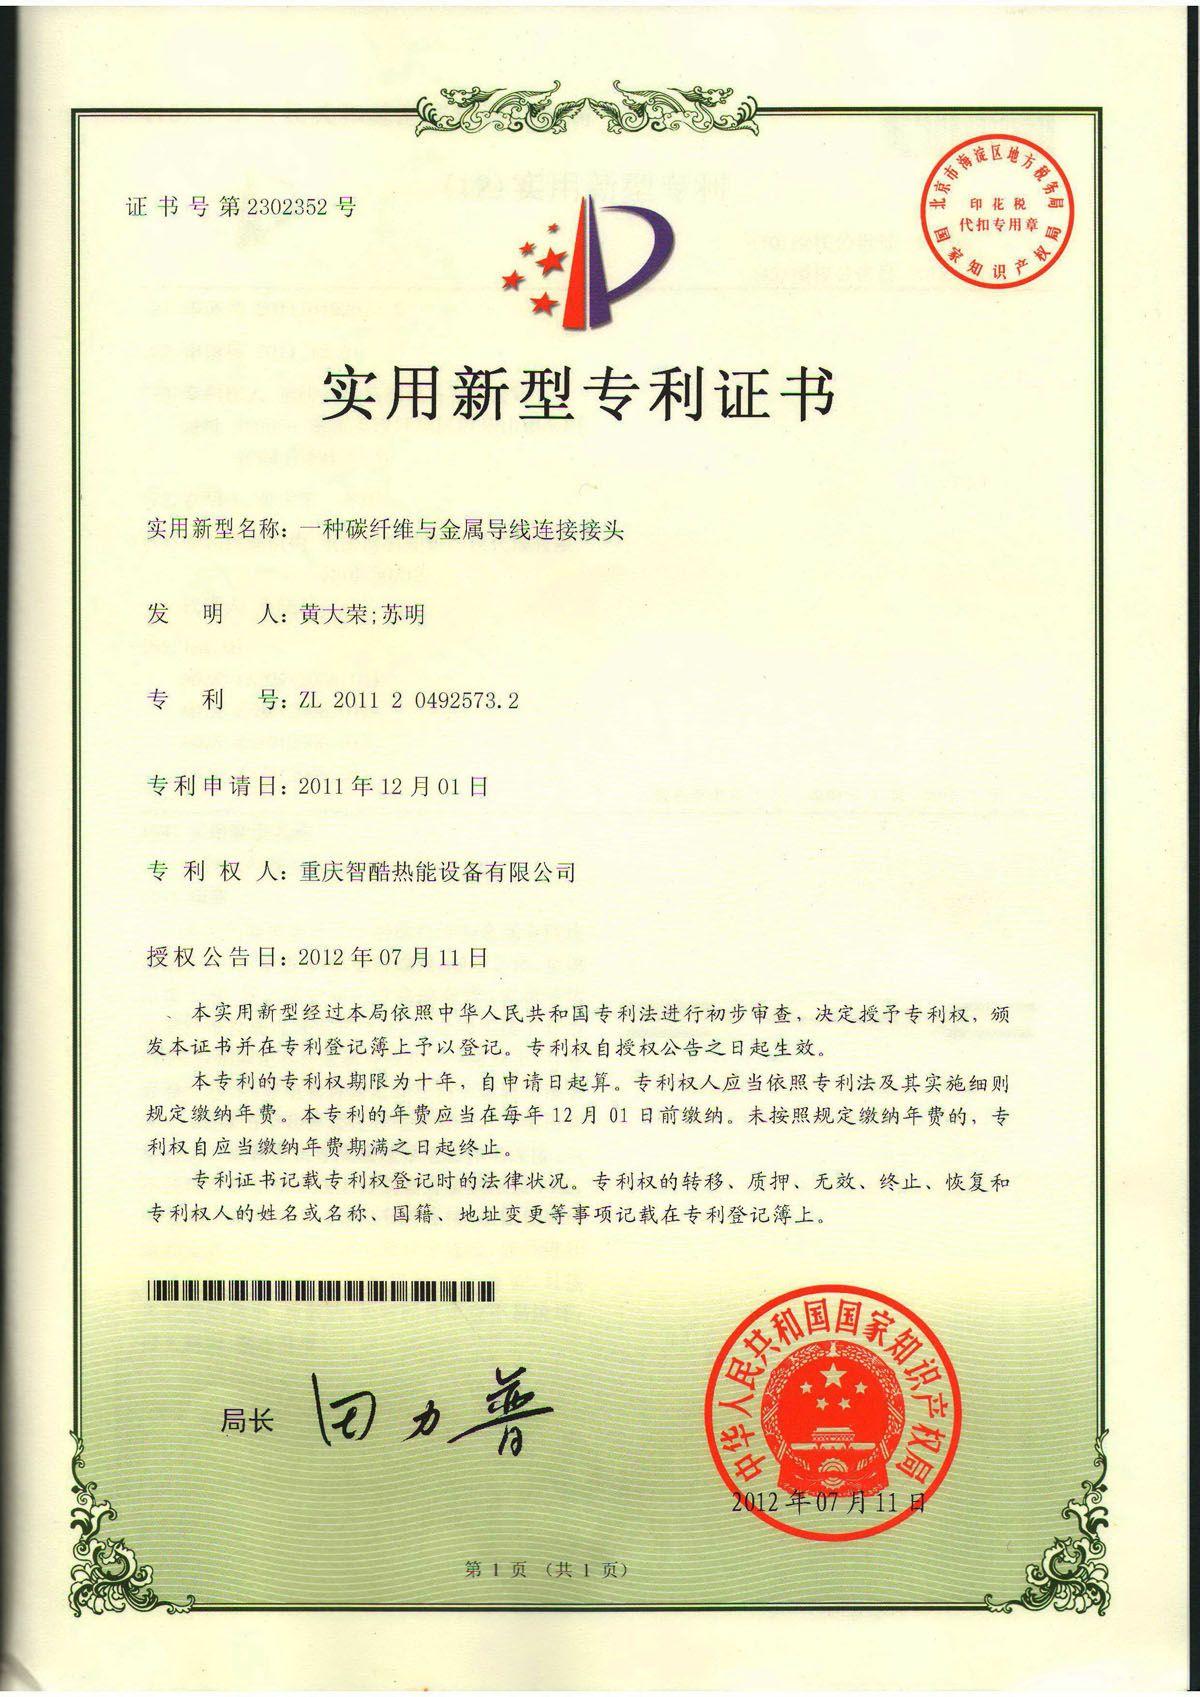 碳纖維與金屬導線鏈接接頭實用新型專利證書